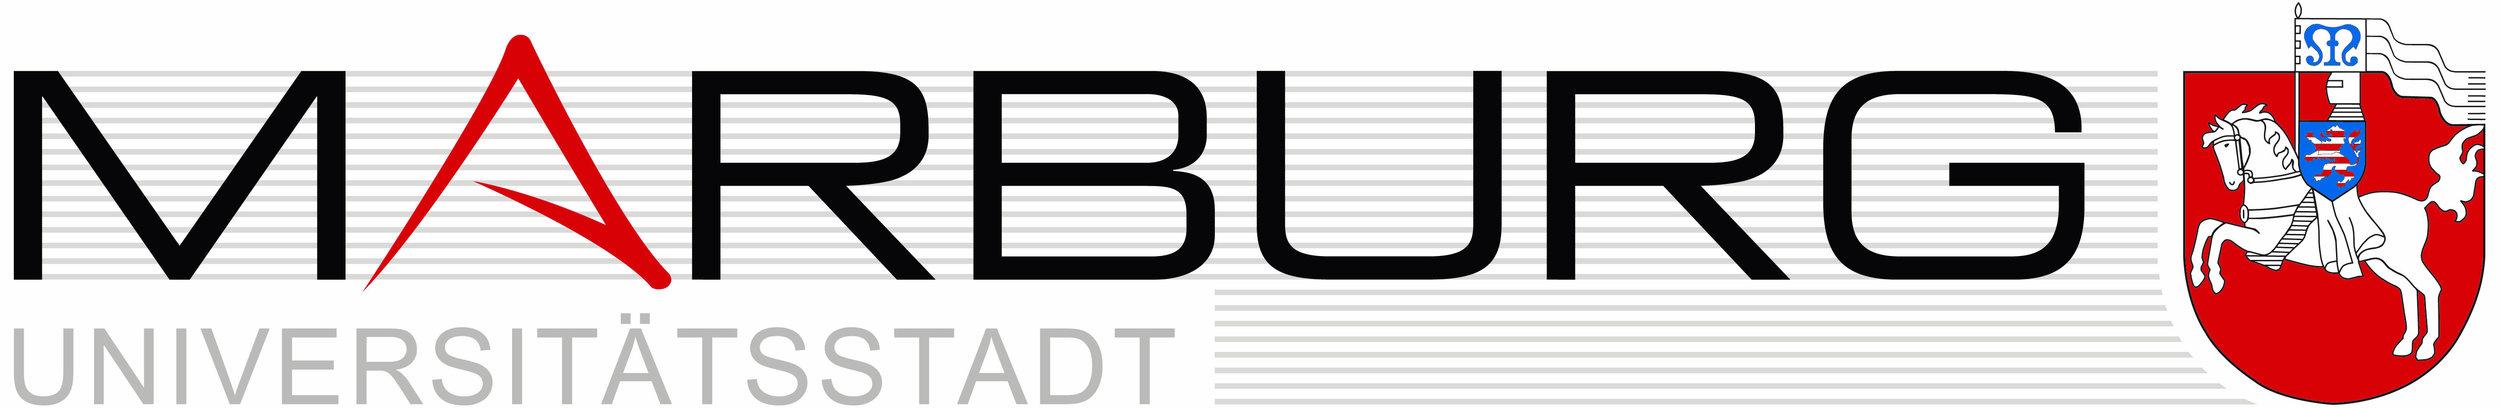 marburg_logo_4c.jpg